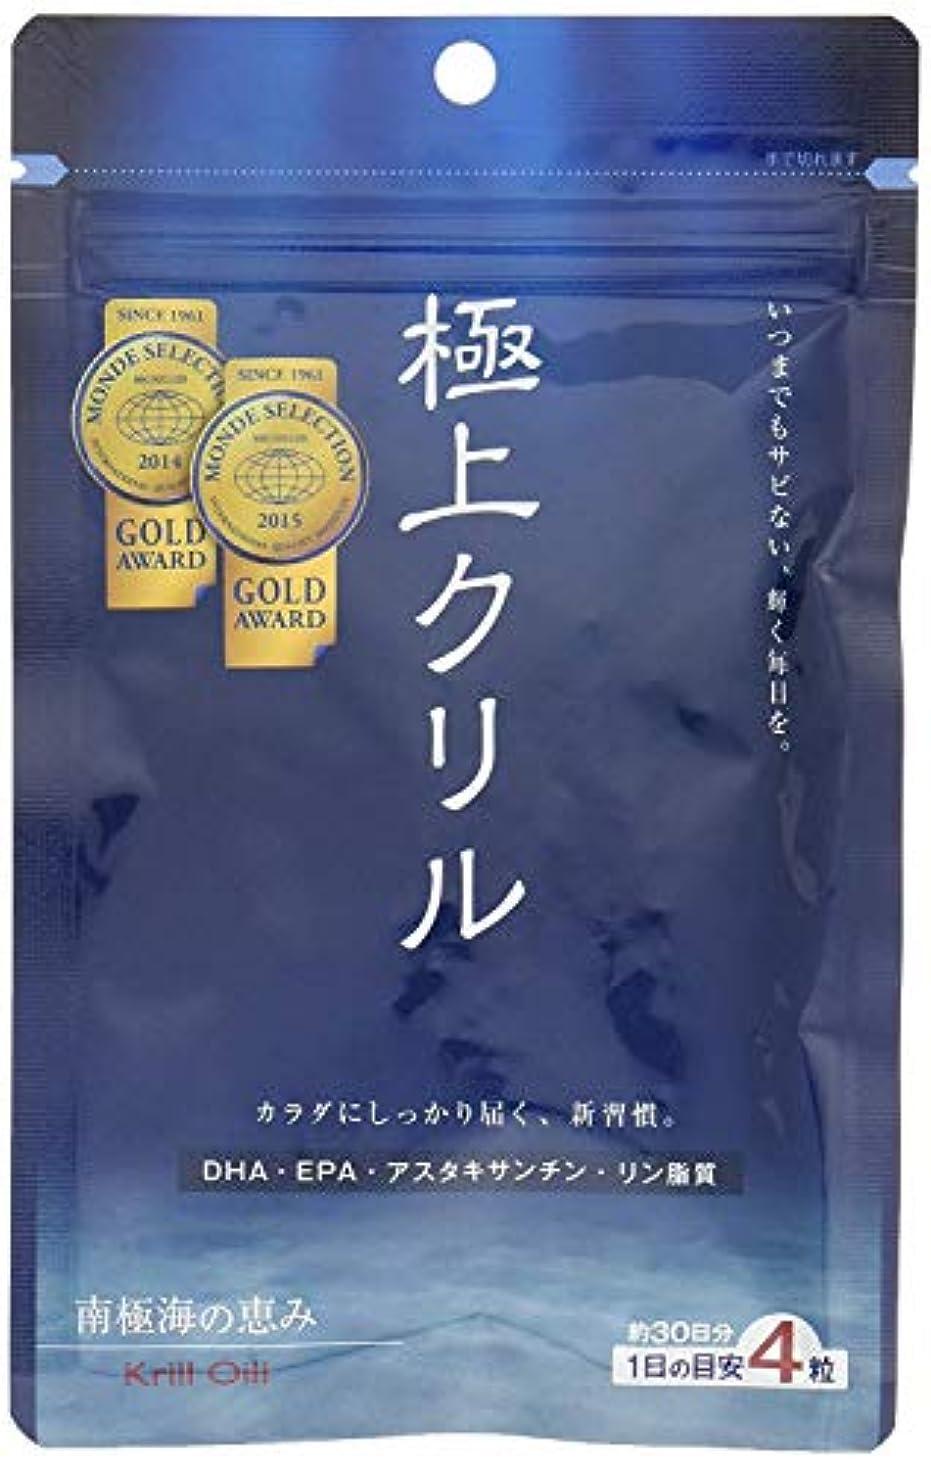 アナリスト故障中ずるい極上クリル120粒 100%クリルオイル (約1ヶ月分) 日本製